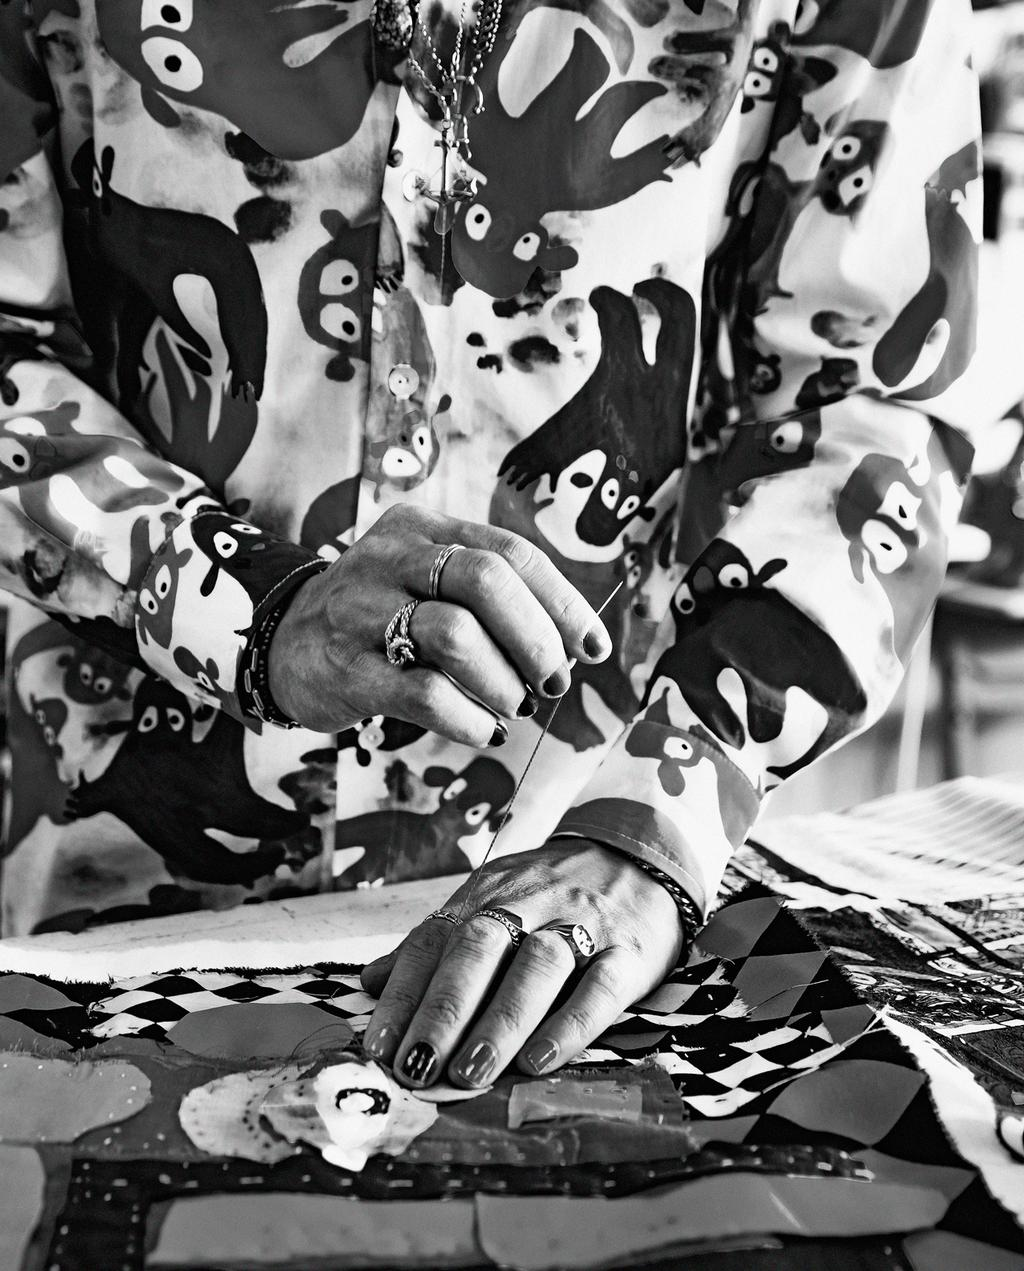 zwart wit foto handwerk